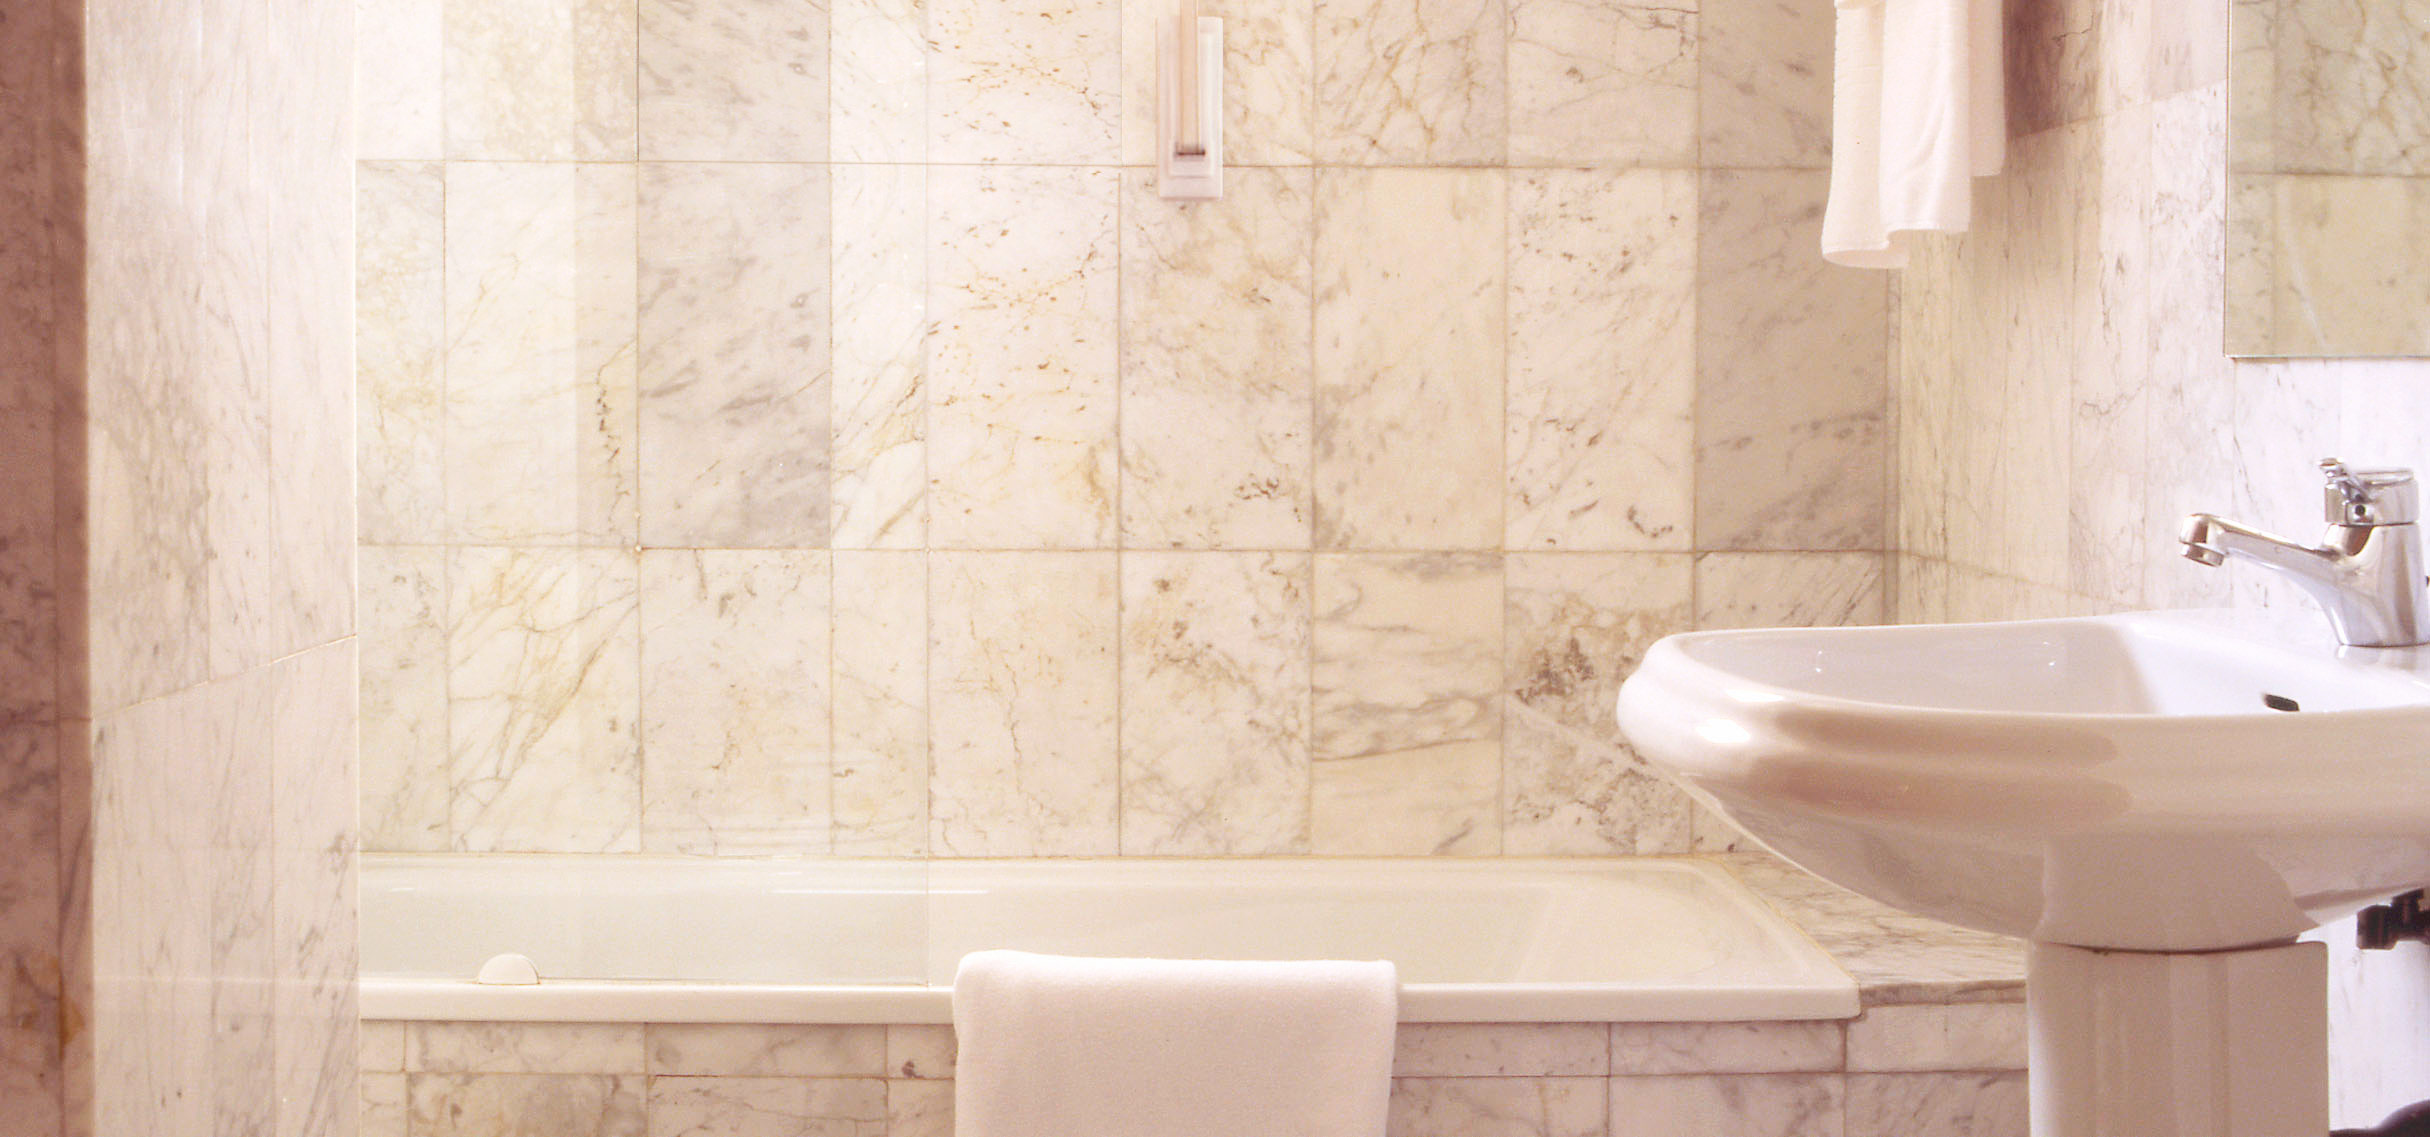 Apartamentos en alquiler en madrid centro por semanas for Alquiler pisos madrid